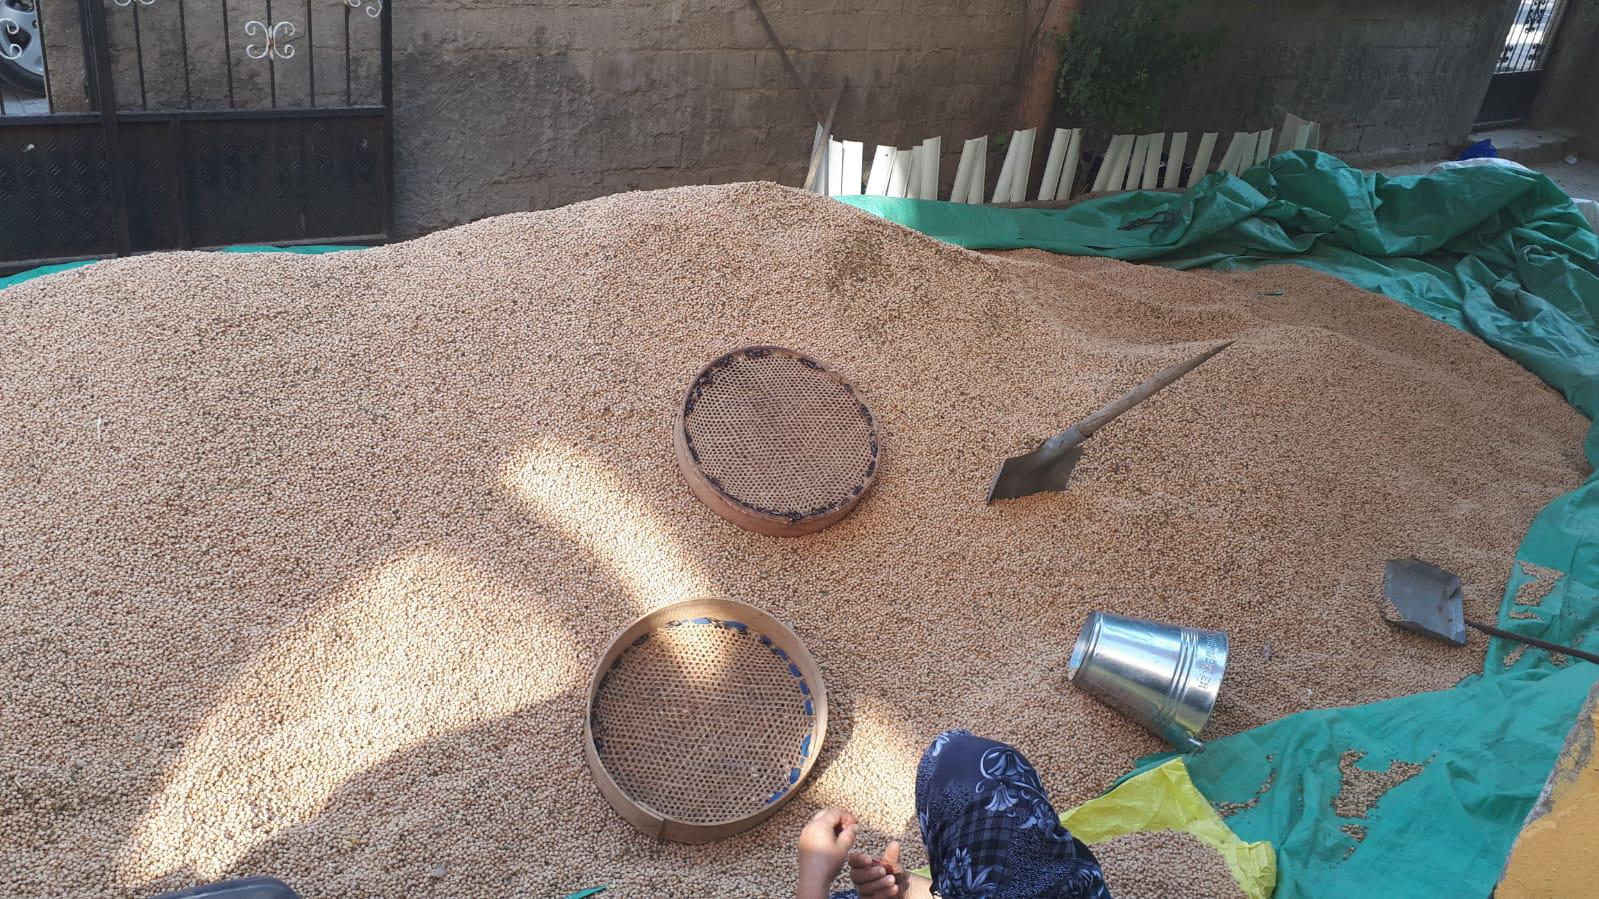 Nohut - Üretici Kadir Tobi 7 tl fiyat ile 7.000 kilogram azkan çeşidi nohut satmak istiyor